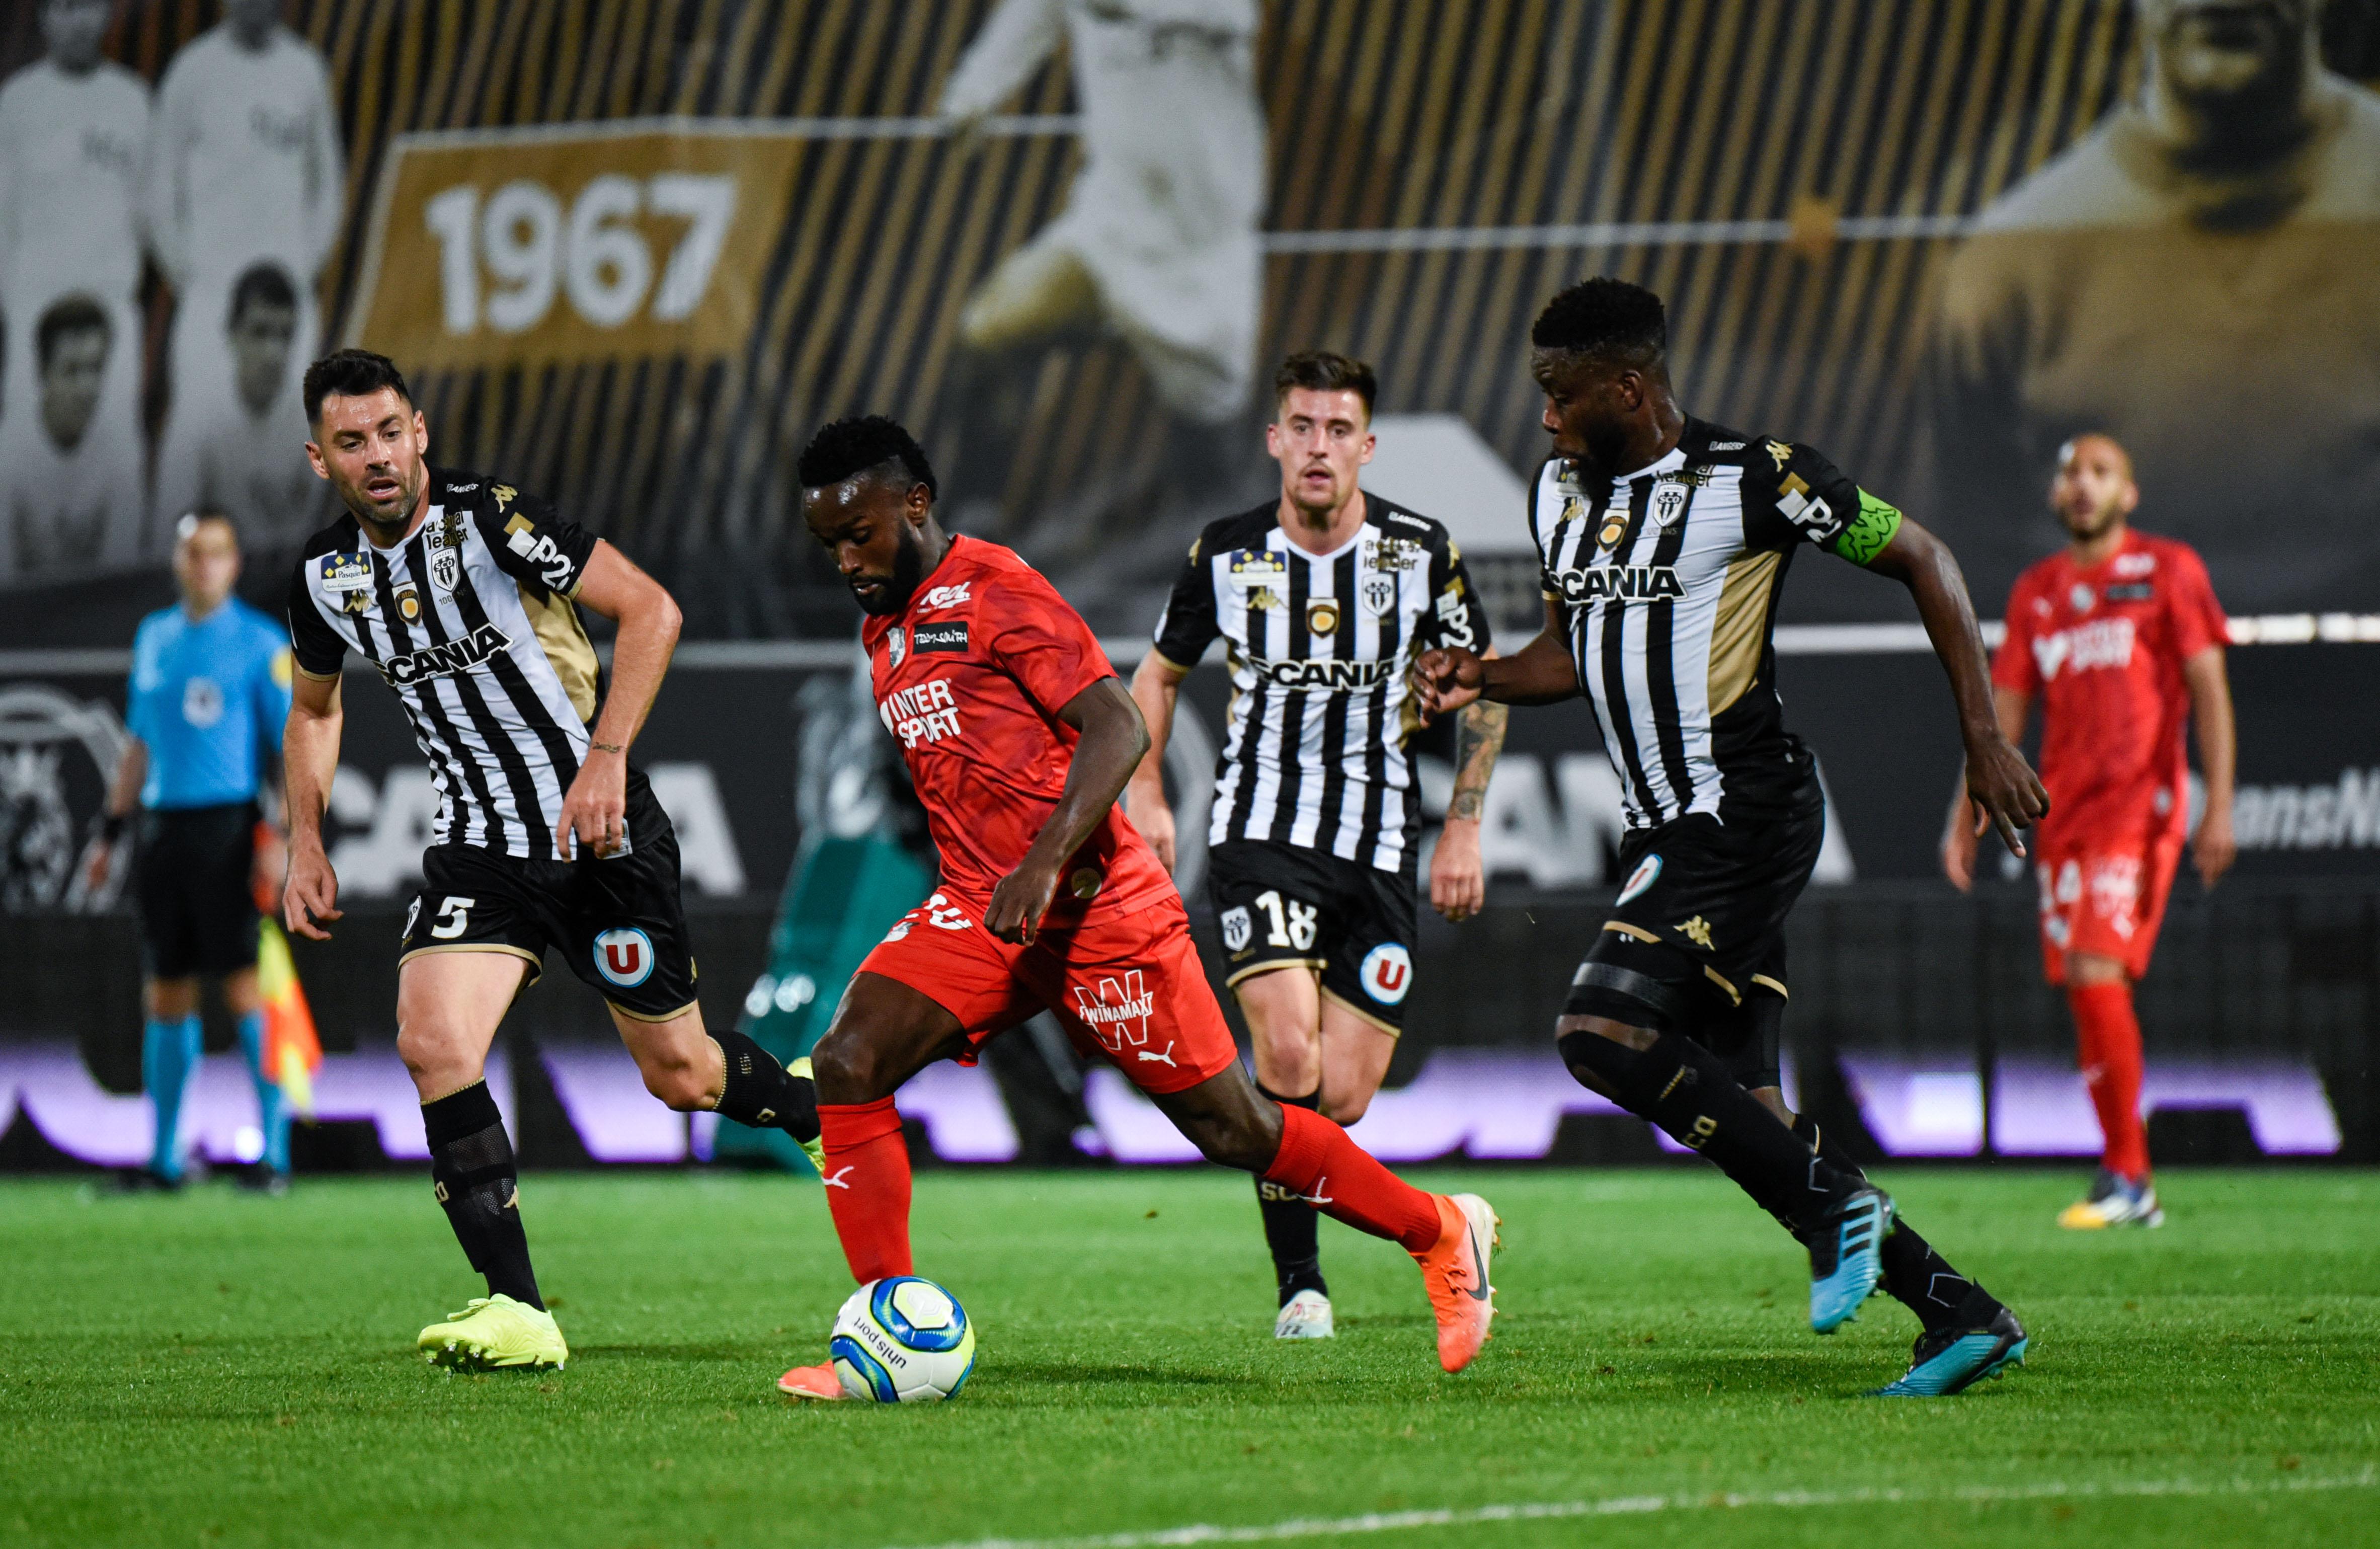 Sco Angers Calendrier.Amiens Sc Football Coupe De La Ligue Bkt Le Sco D Angers